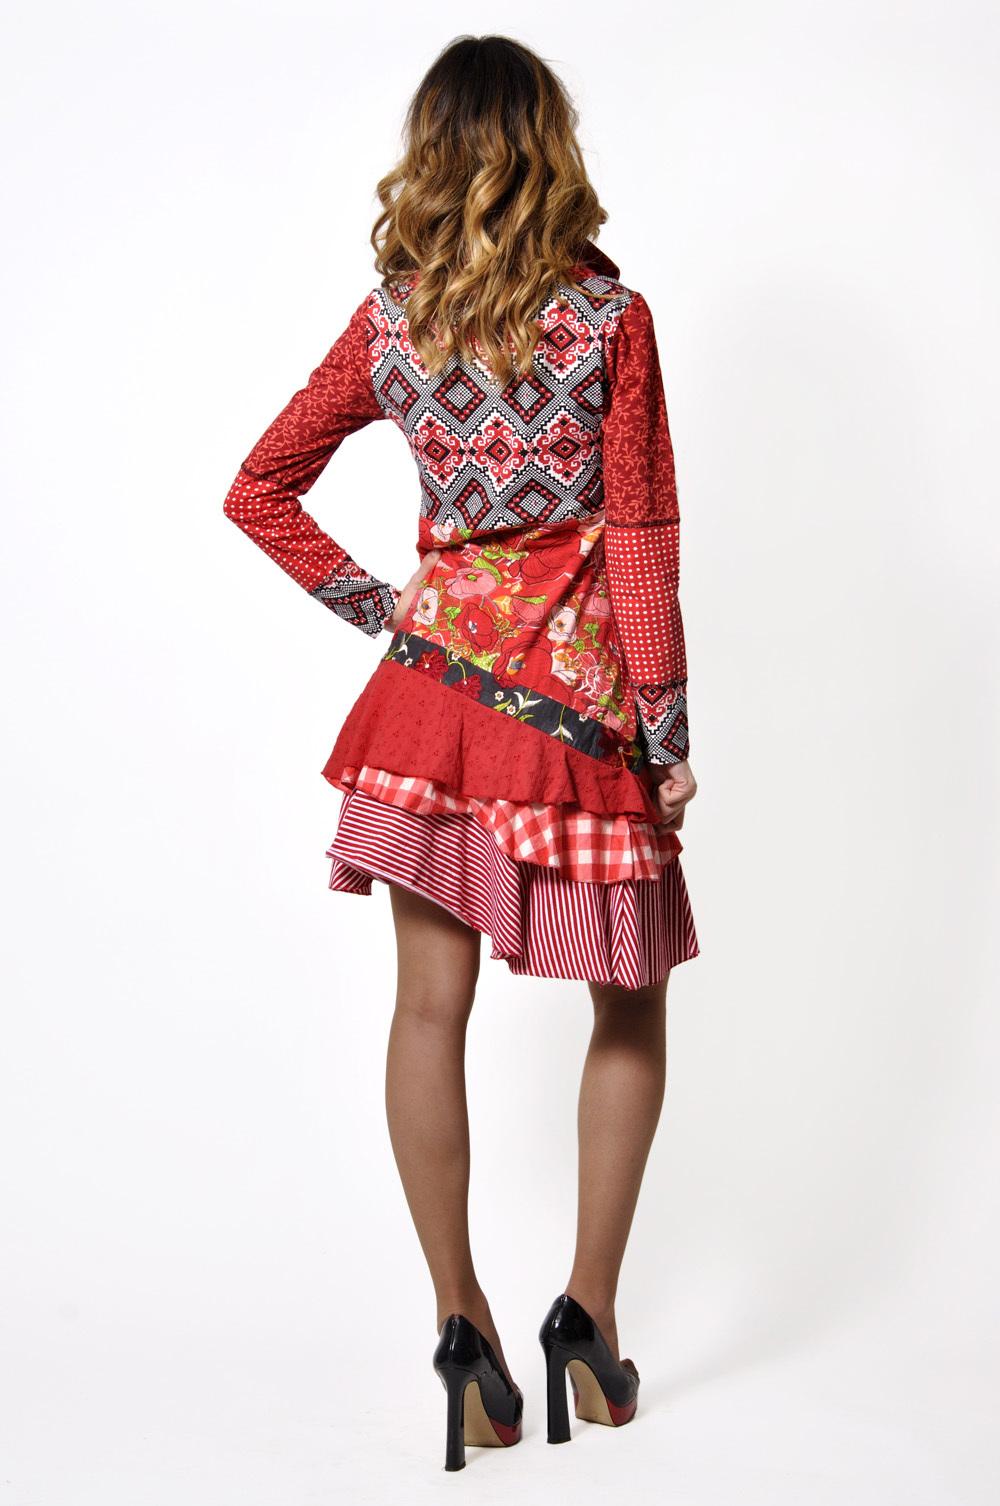 Savage Culture: Jacinta Jealousy Dress (1 Left!)